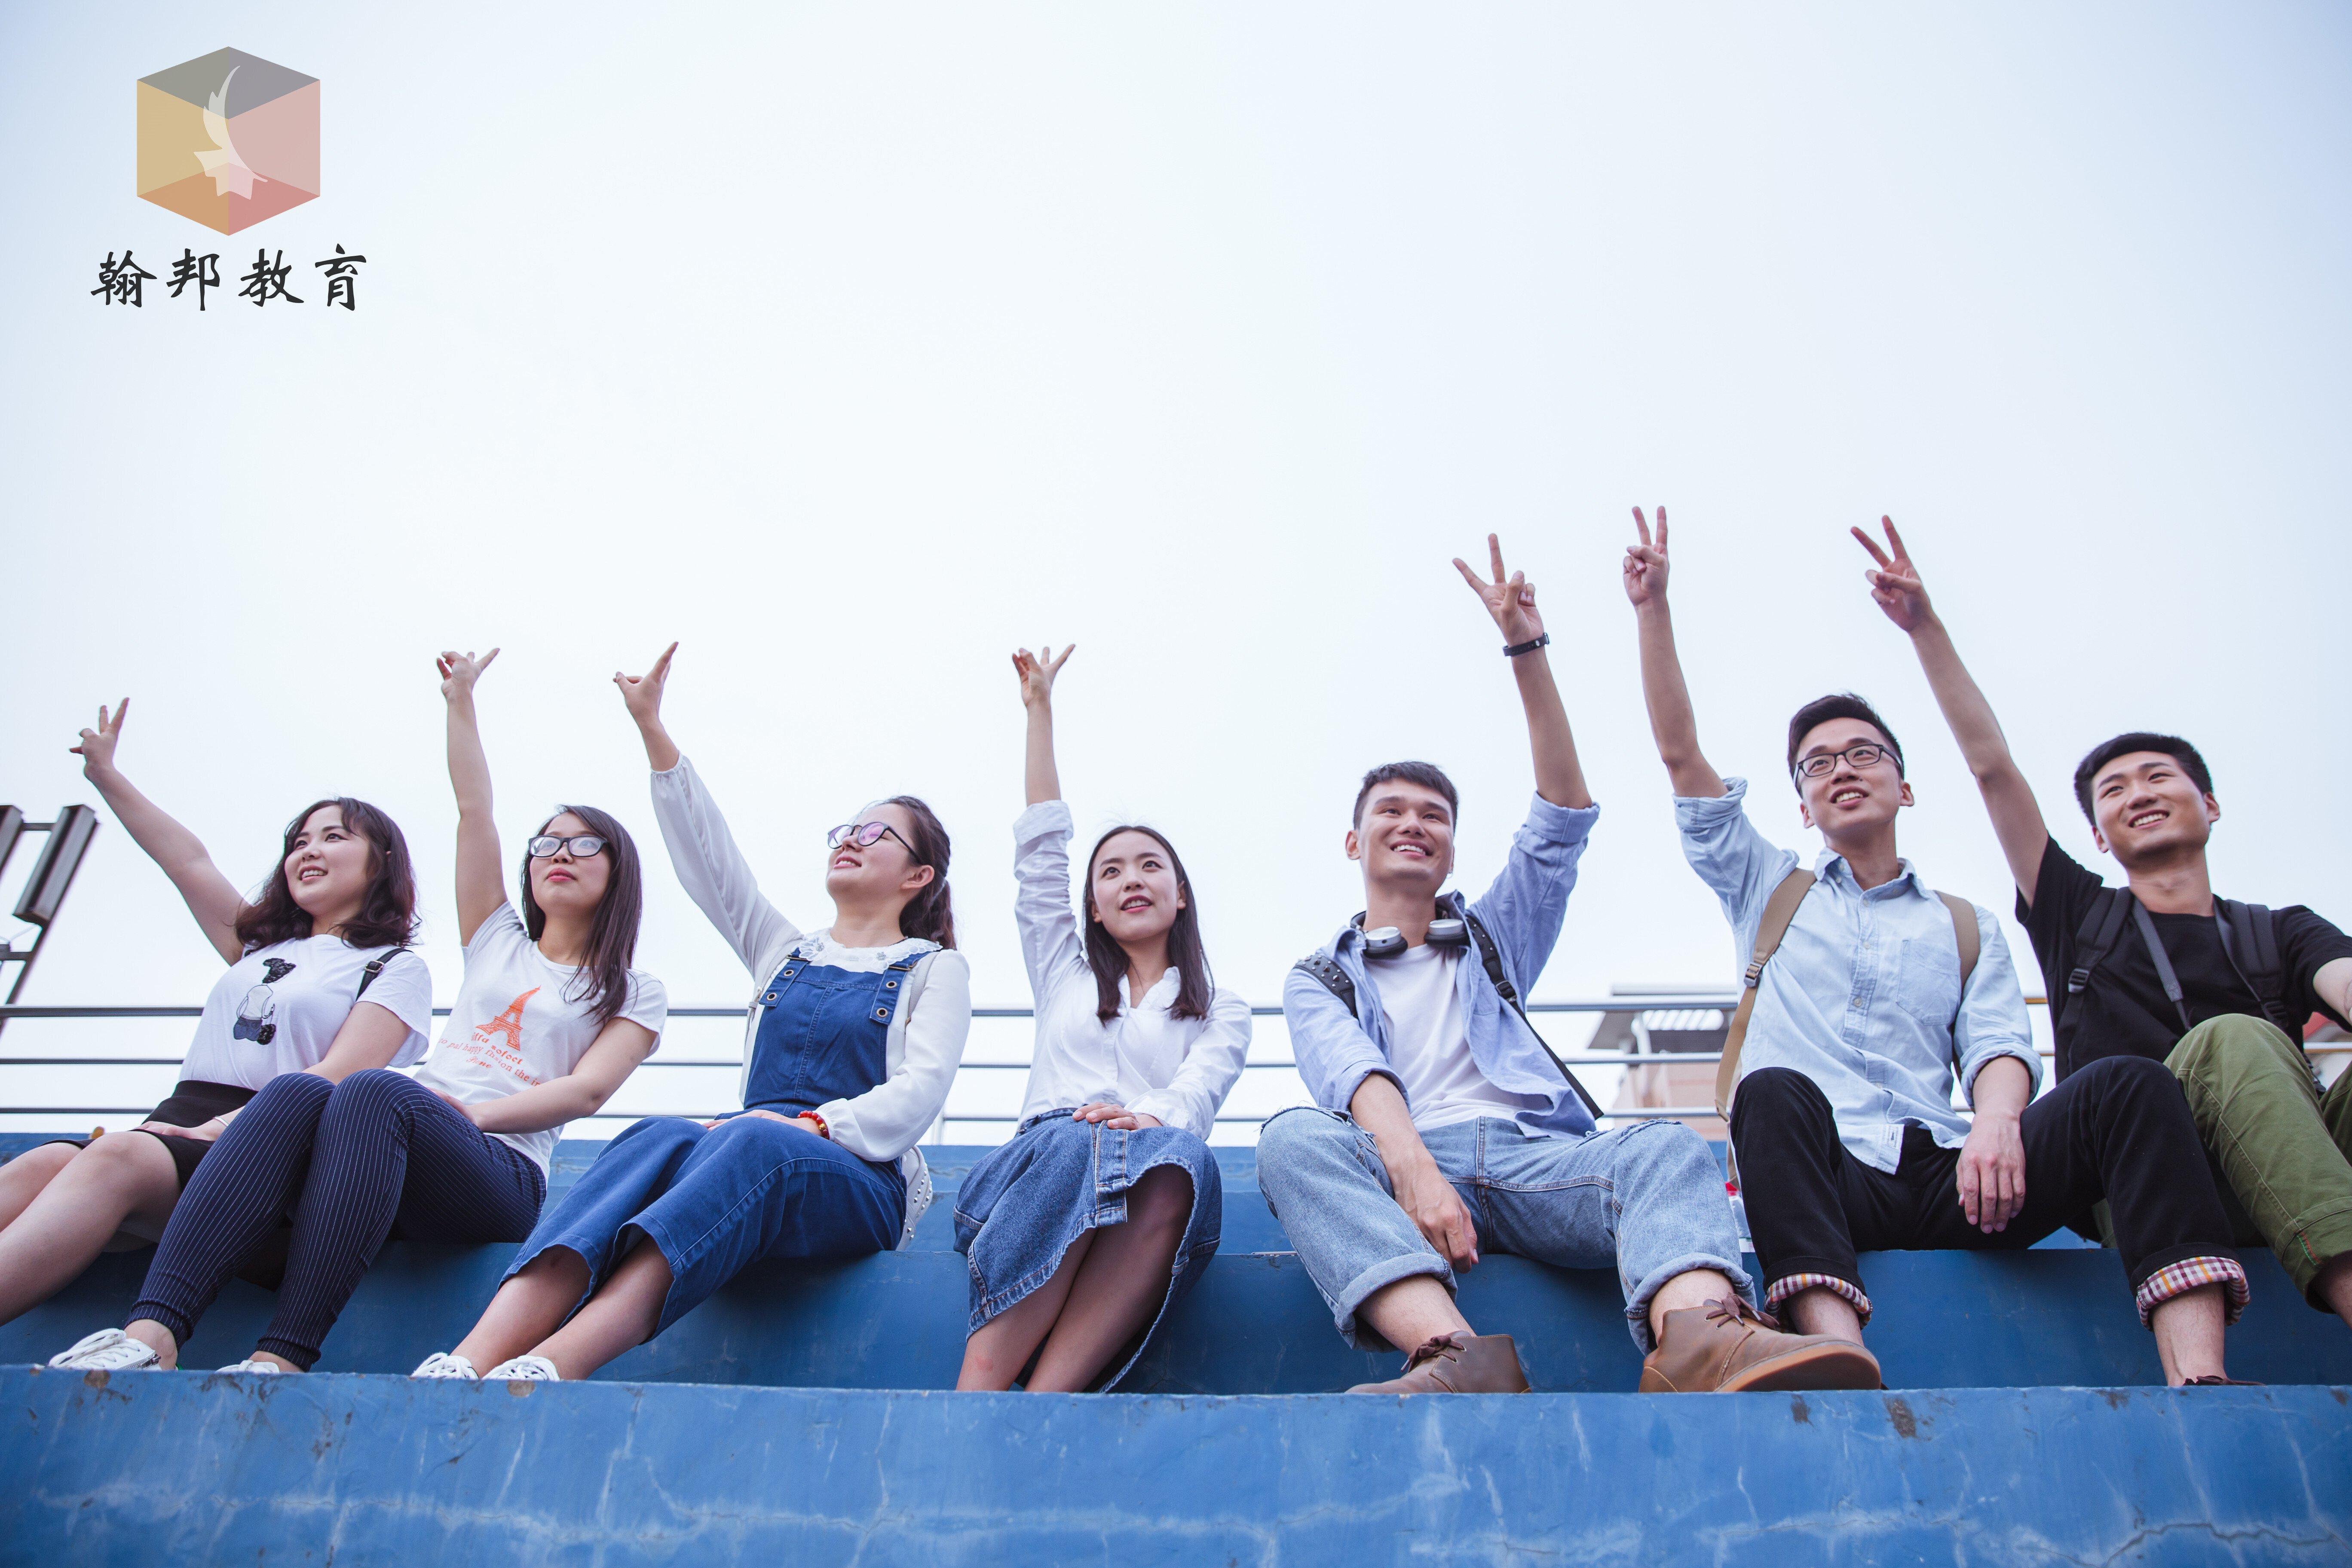 高学历的人群入户深圳